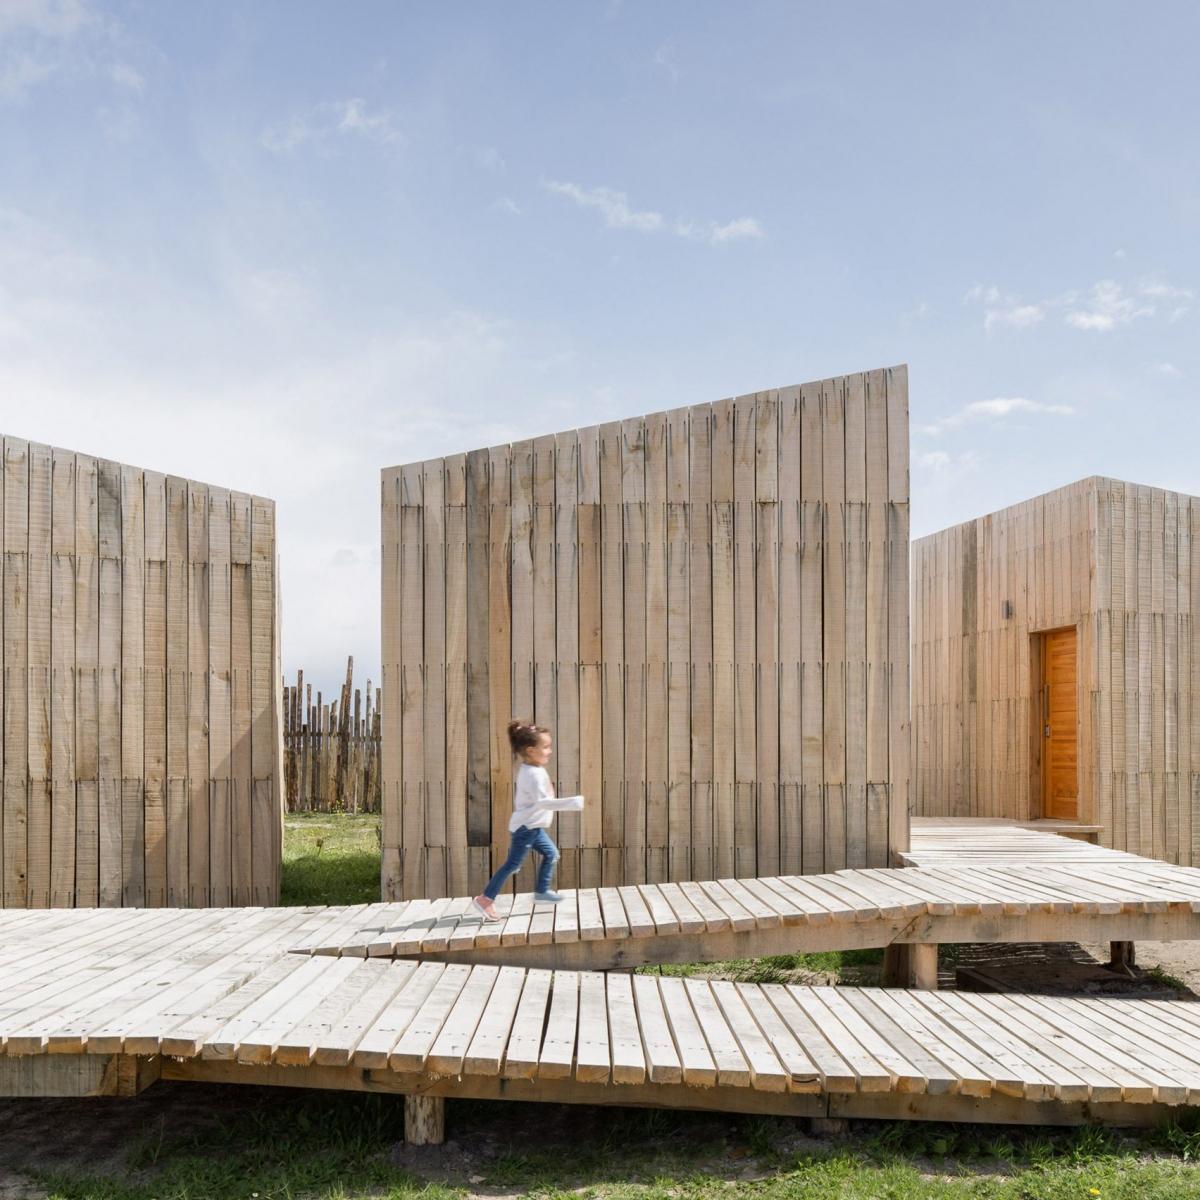 """Khách sạn Aka Patagonia ở Chile bởi kiến trúc sư Larrou. Khách sạn gồm 6 cabin bằng gỗ, không có cửa sổ nhưng sử dụng các tấm kính rộng rãi trong suốt giúp du khách thưởng ngoạn phong cảnh tuyệt đẹp của những con kênh, những cánh đồng với đàn cừu đang gặm cỏ. Larrou giải thích về ý tưởng của mình:  """"Aka là sự tôn vinh thế giới tự nhiên. Không gian được thiết kế để du khách có thể hoà mình trọn vẹn vào thiên nhiên """"."""